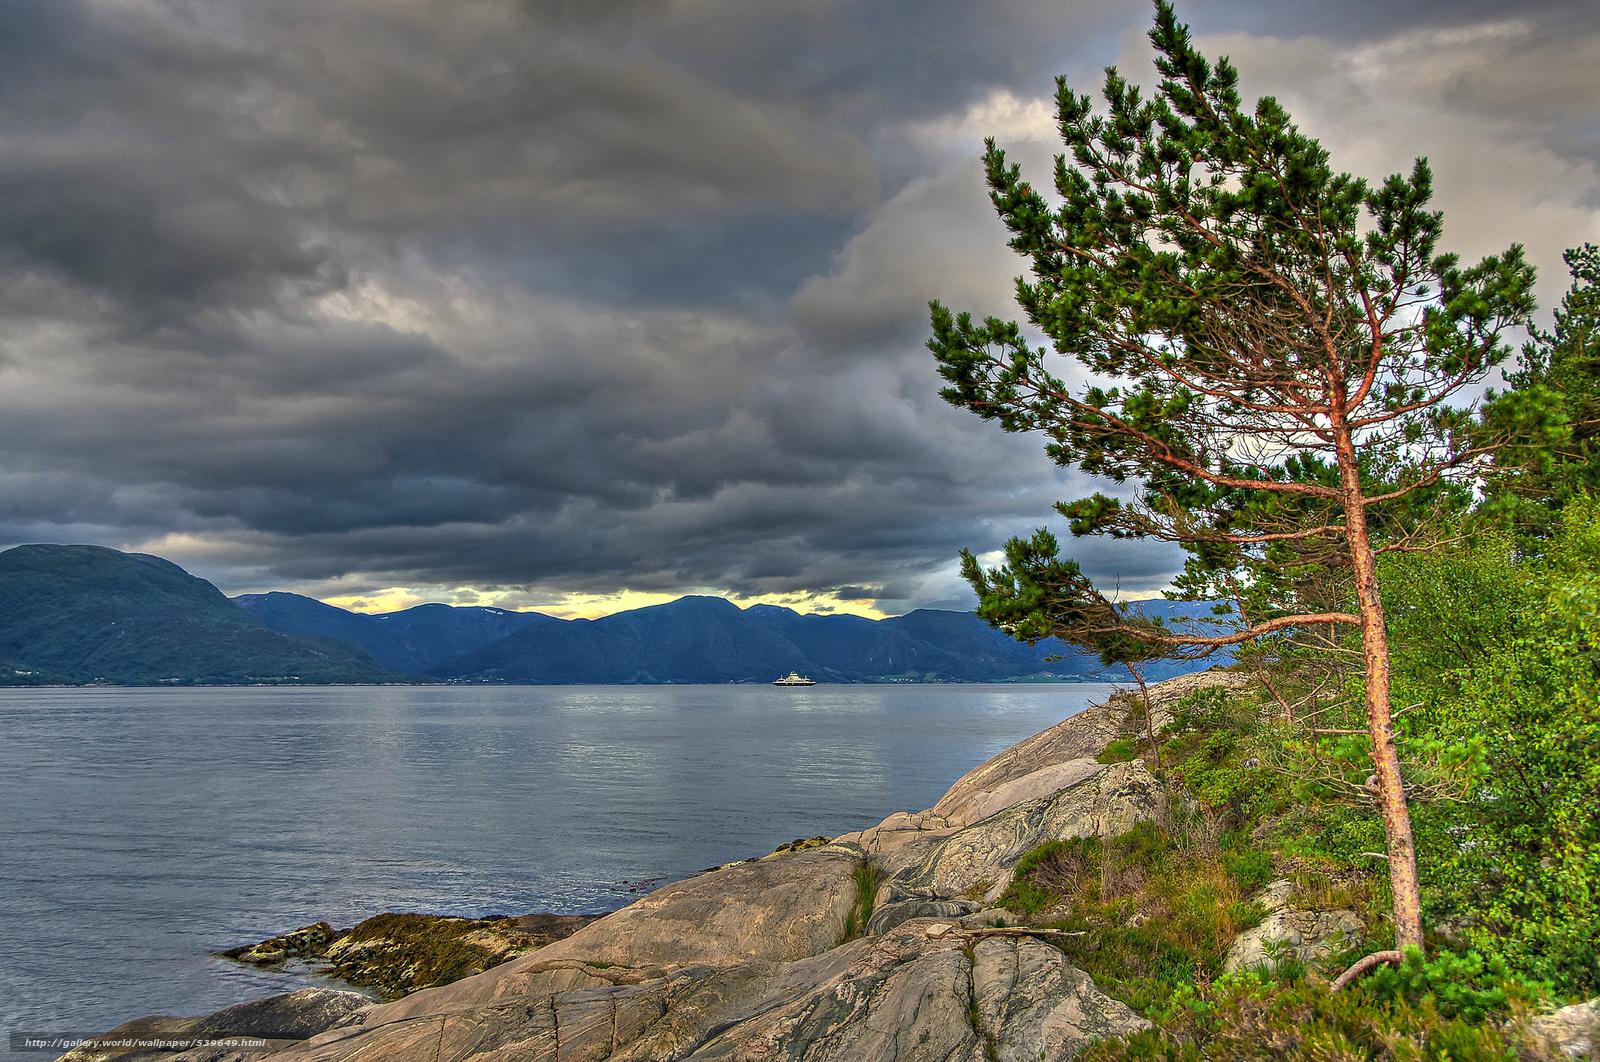 Скачать обои Sognefjord,  Norway,  Согне-фьорд,  Норвегия бесплатно для рабочего стола в разрешении 2048x1359 — картинка №539649